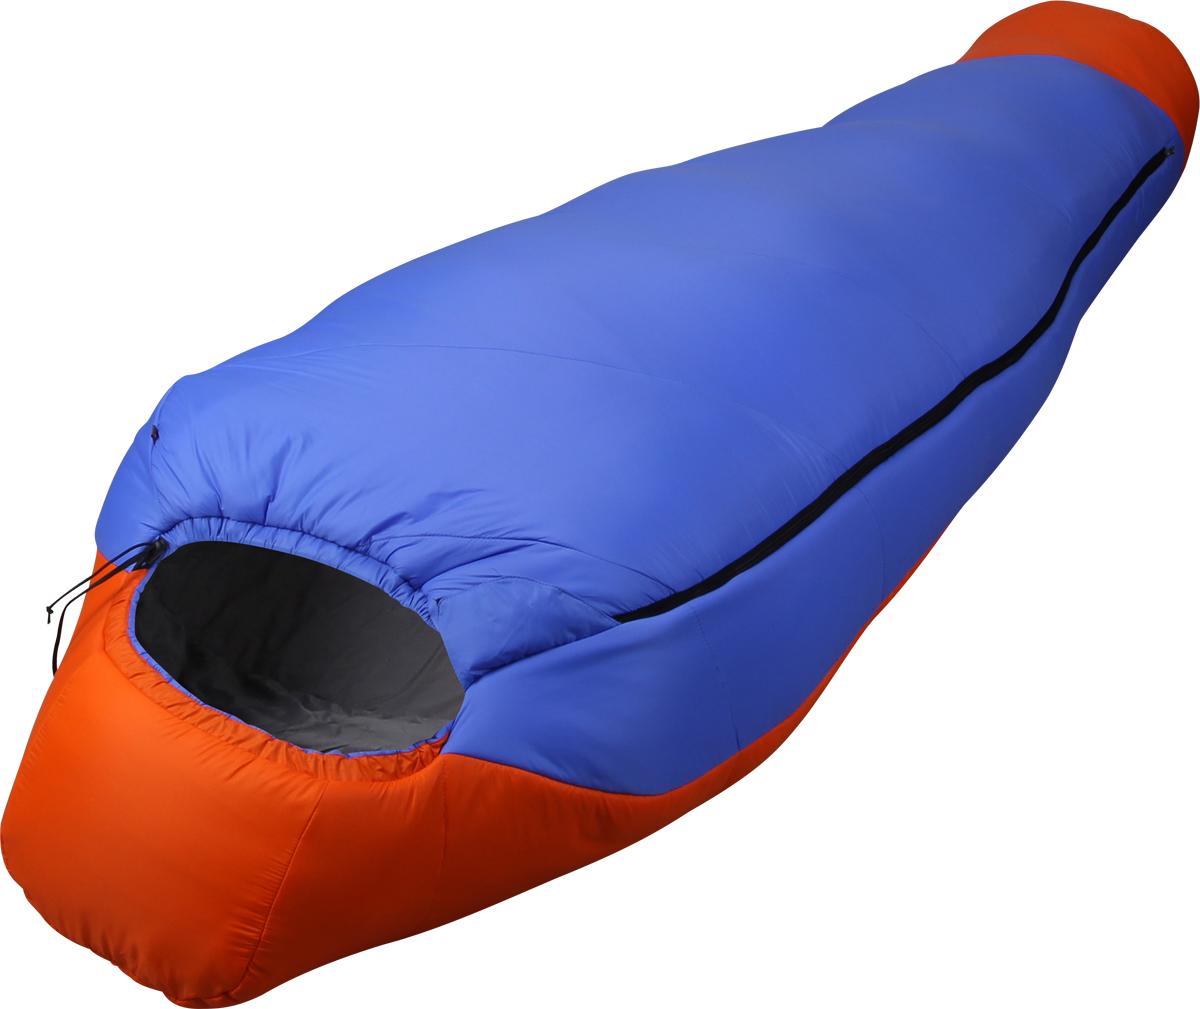 Мешок спальный Сплав Fantasy 340, правосторонняя молния, цвет: синий, оранжевый, 240 x 90 x 60 см4505258Очень теплый комфортный спальный мешок.Тип конструкции: кокон.Внутренний кармашек на молнии.Карман под подушку.Удобный кармашек для шнура шейного пакета.Молния - разъемная, двухсторонняя.Молния боковая, смещенная к верхней части спальника.Выпускаются модификации с правой и левой молнией.Утепленный шейный пакет без холодных швов.Утепленная защитная подпланка молнии.Петли для просушки.Возможность использования внутреннего вкладыша для продления срока службы спального мешка.Упаковка: компрессионный мешок в комплекте.Для точного подбора удобного спальника рекомендуем при покупке спальные мешки примерять.Внимание! длительное хранение в сжатом виде не рекомендуется.Температурный режим:Комфорт: +1… -4° С.Экстрим: -21° С.Спальный мешок имеет международный сертификат EN 13537. Габариты и вес:Размеры: 175?75?45 см (рост до 155 см).Полный вес: 1,36 кг.Минимальный вес: 1,28 кг.Размеры в упакованном виде: диаметр 20?40/30 см.Размеры: 190?75?45 см (рост до 165 см).Полный вес: 1,49 кг.Минимальный вес: 1,42 кг.Размеры в упакованном виде: диаметр 23?37/27 см.Размеры: 205?80?50 см (рост до 175 см).Полный вес: 1,71 кг.Минимальный вес: 1,62 кг.Размеры в упакованном виде: диаметр 23?40/30 см.Размеры: 220?85?55 см (рост до 190 см).Полный вес: 1,90 кг.Минимальный вес: 1,80 кг.Размеры в упакованном виде: диаметр 25?40/30 см.Размеры: 240?90?60 см (рост до 205 см).Полный вес: 2,21 кг.Минимальный вес: 2,11 кг.Размеры в упакованном виде: диаметр 27?46/36 см.Материалы:Внешняя ткань: Nylon 6.6 R/S 20D Down Proof Hight Density Teflon DWR Cire.Вес ткани: 32 г/м2.Дышимость ткани: 0,8 см3/см2/с.Внутренняя ткань: Nylon 20D/370T Down Proof W/R Cire.Утеплитель: Primaloft Silver.Плотность утеплителя : 2*170 г/м2 .